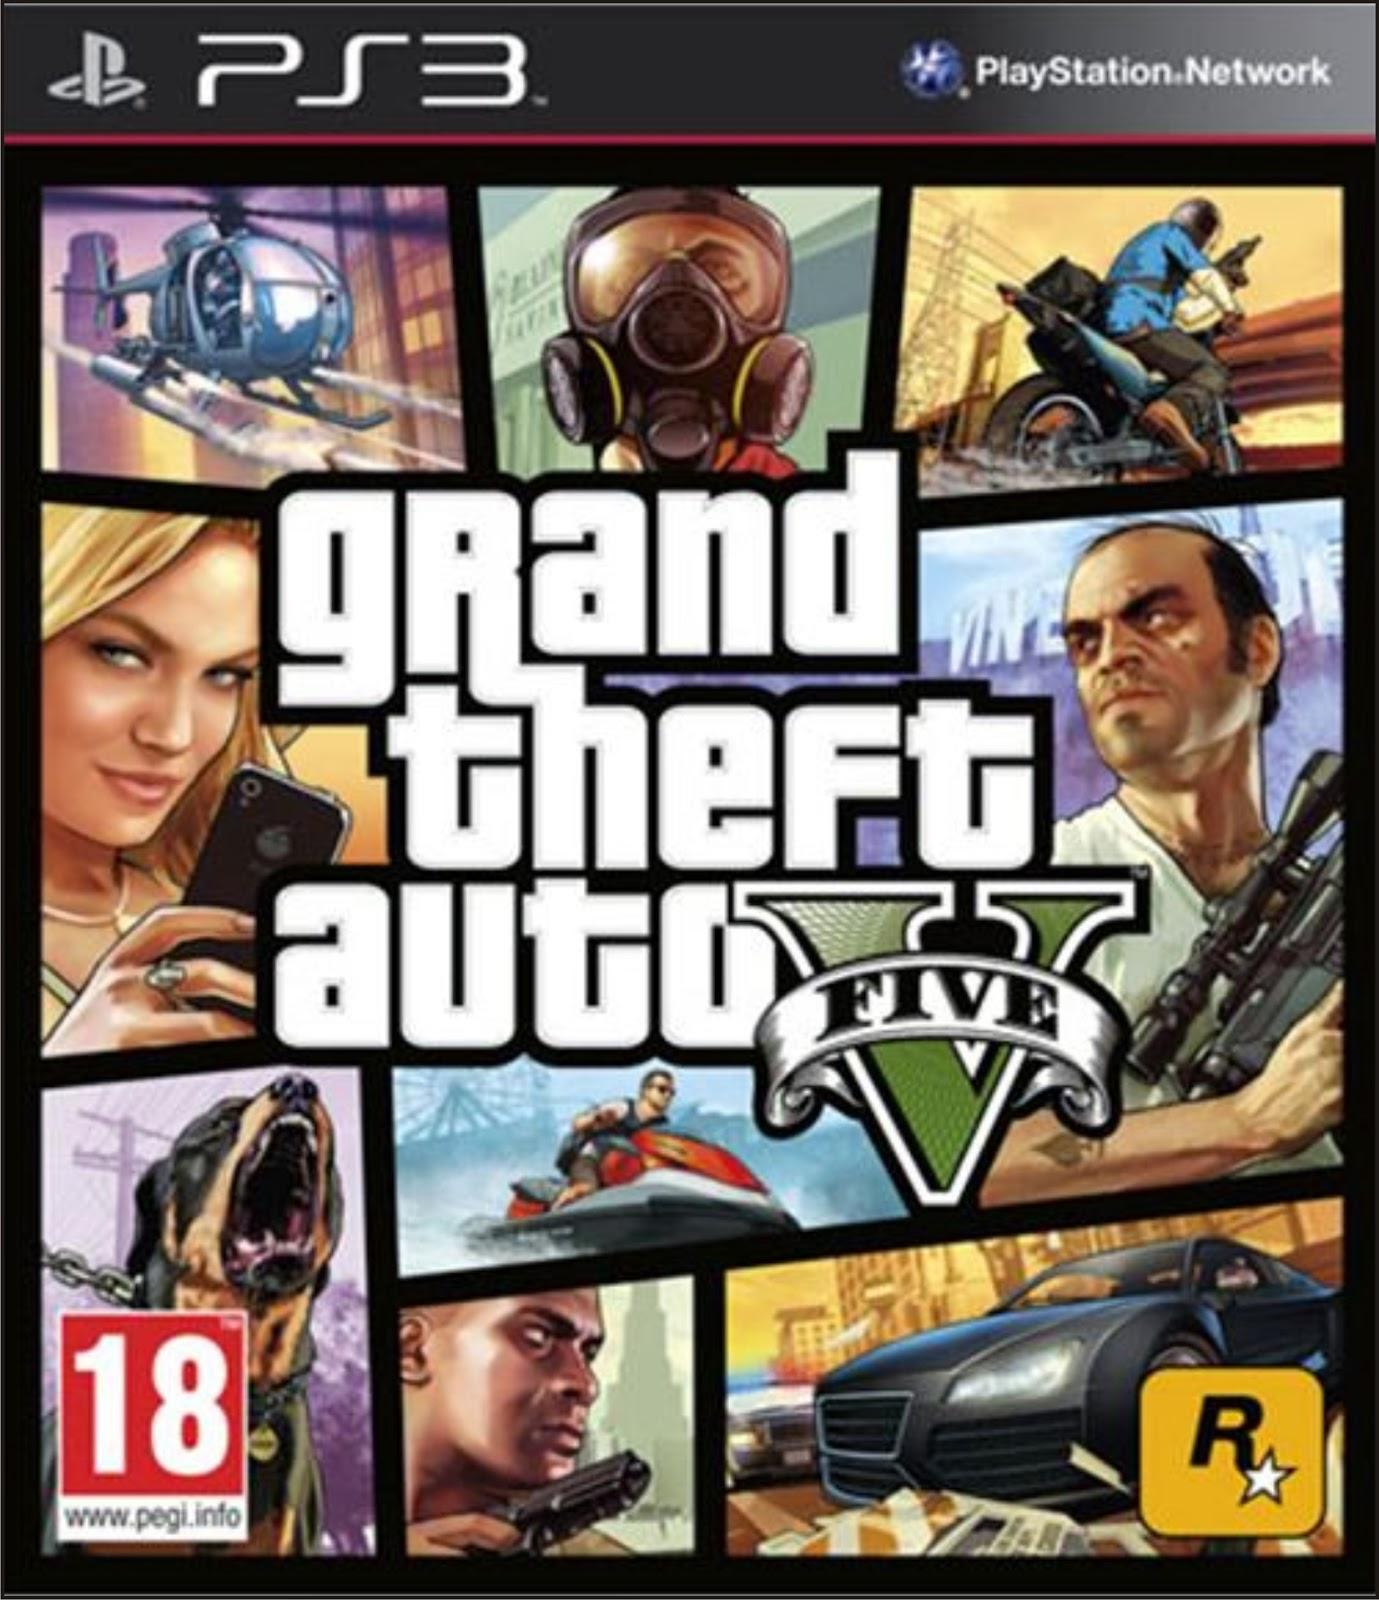 Gta 5 ps3 game download